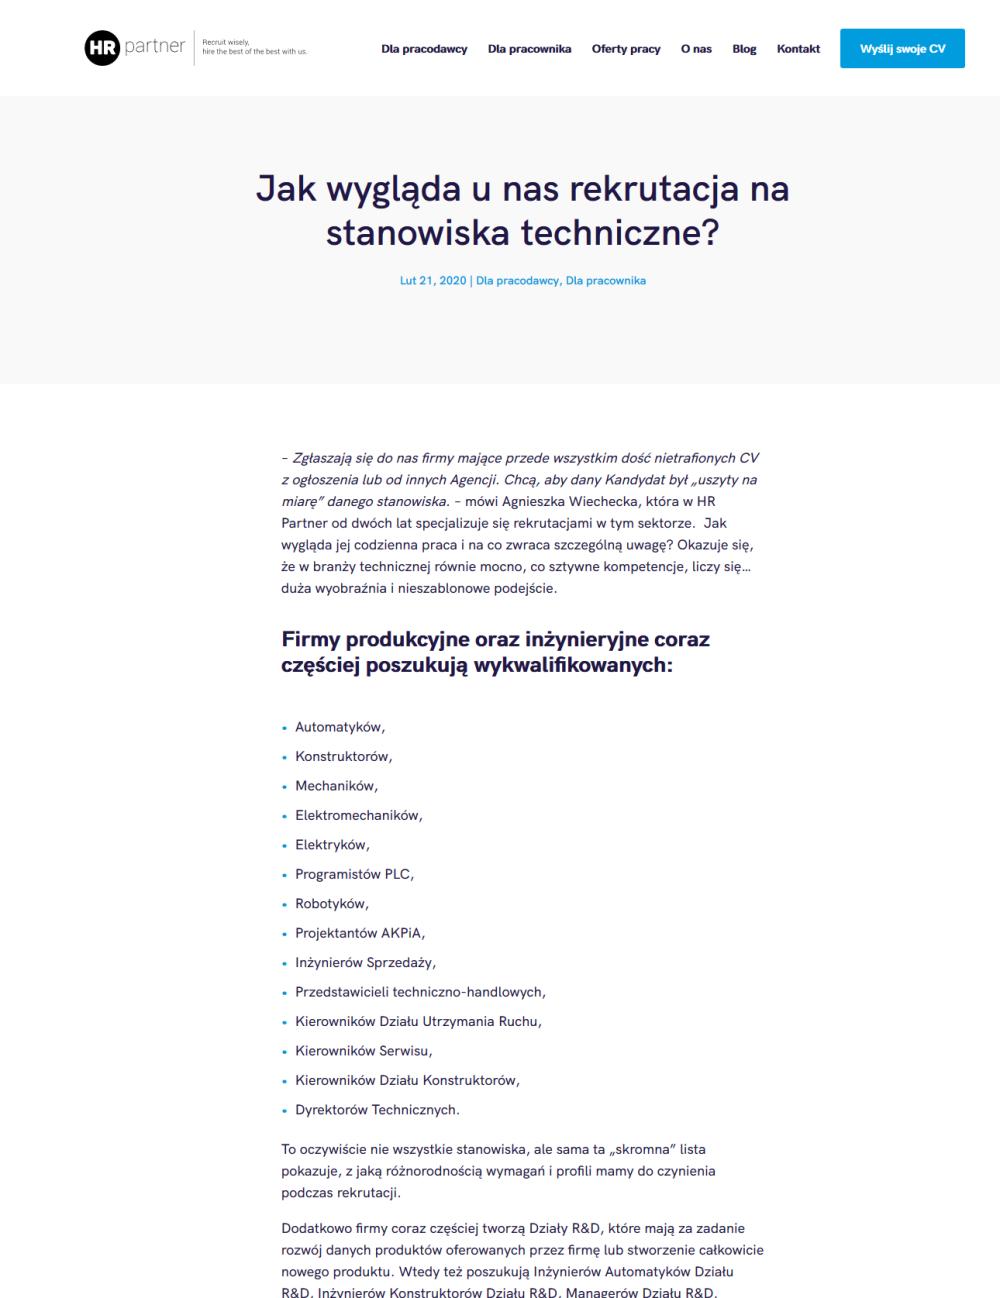 Screenshot_2020-02-22 Jak wygląda u nas rekrutacja na stanowiska techniczne - HR Partner - Agencja Rekrutacyjna.png